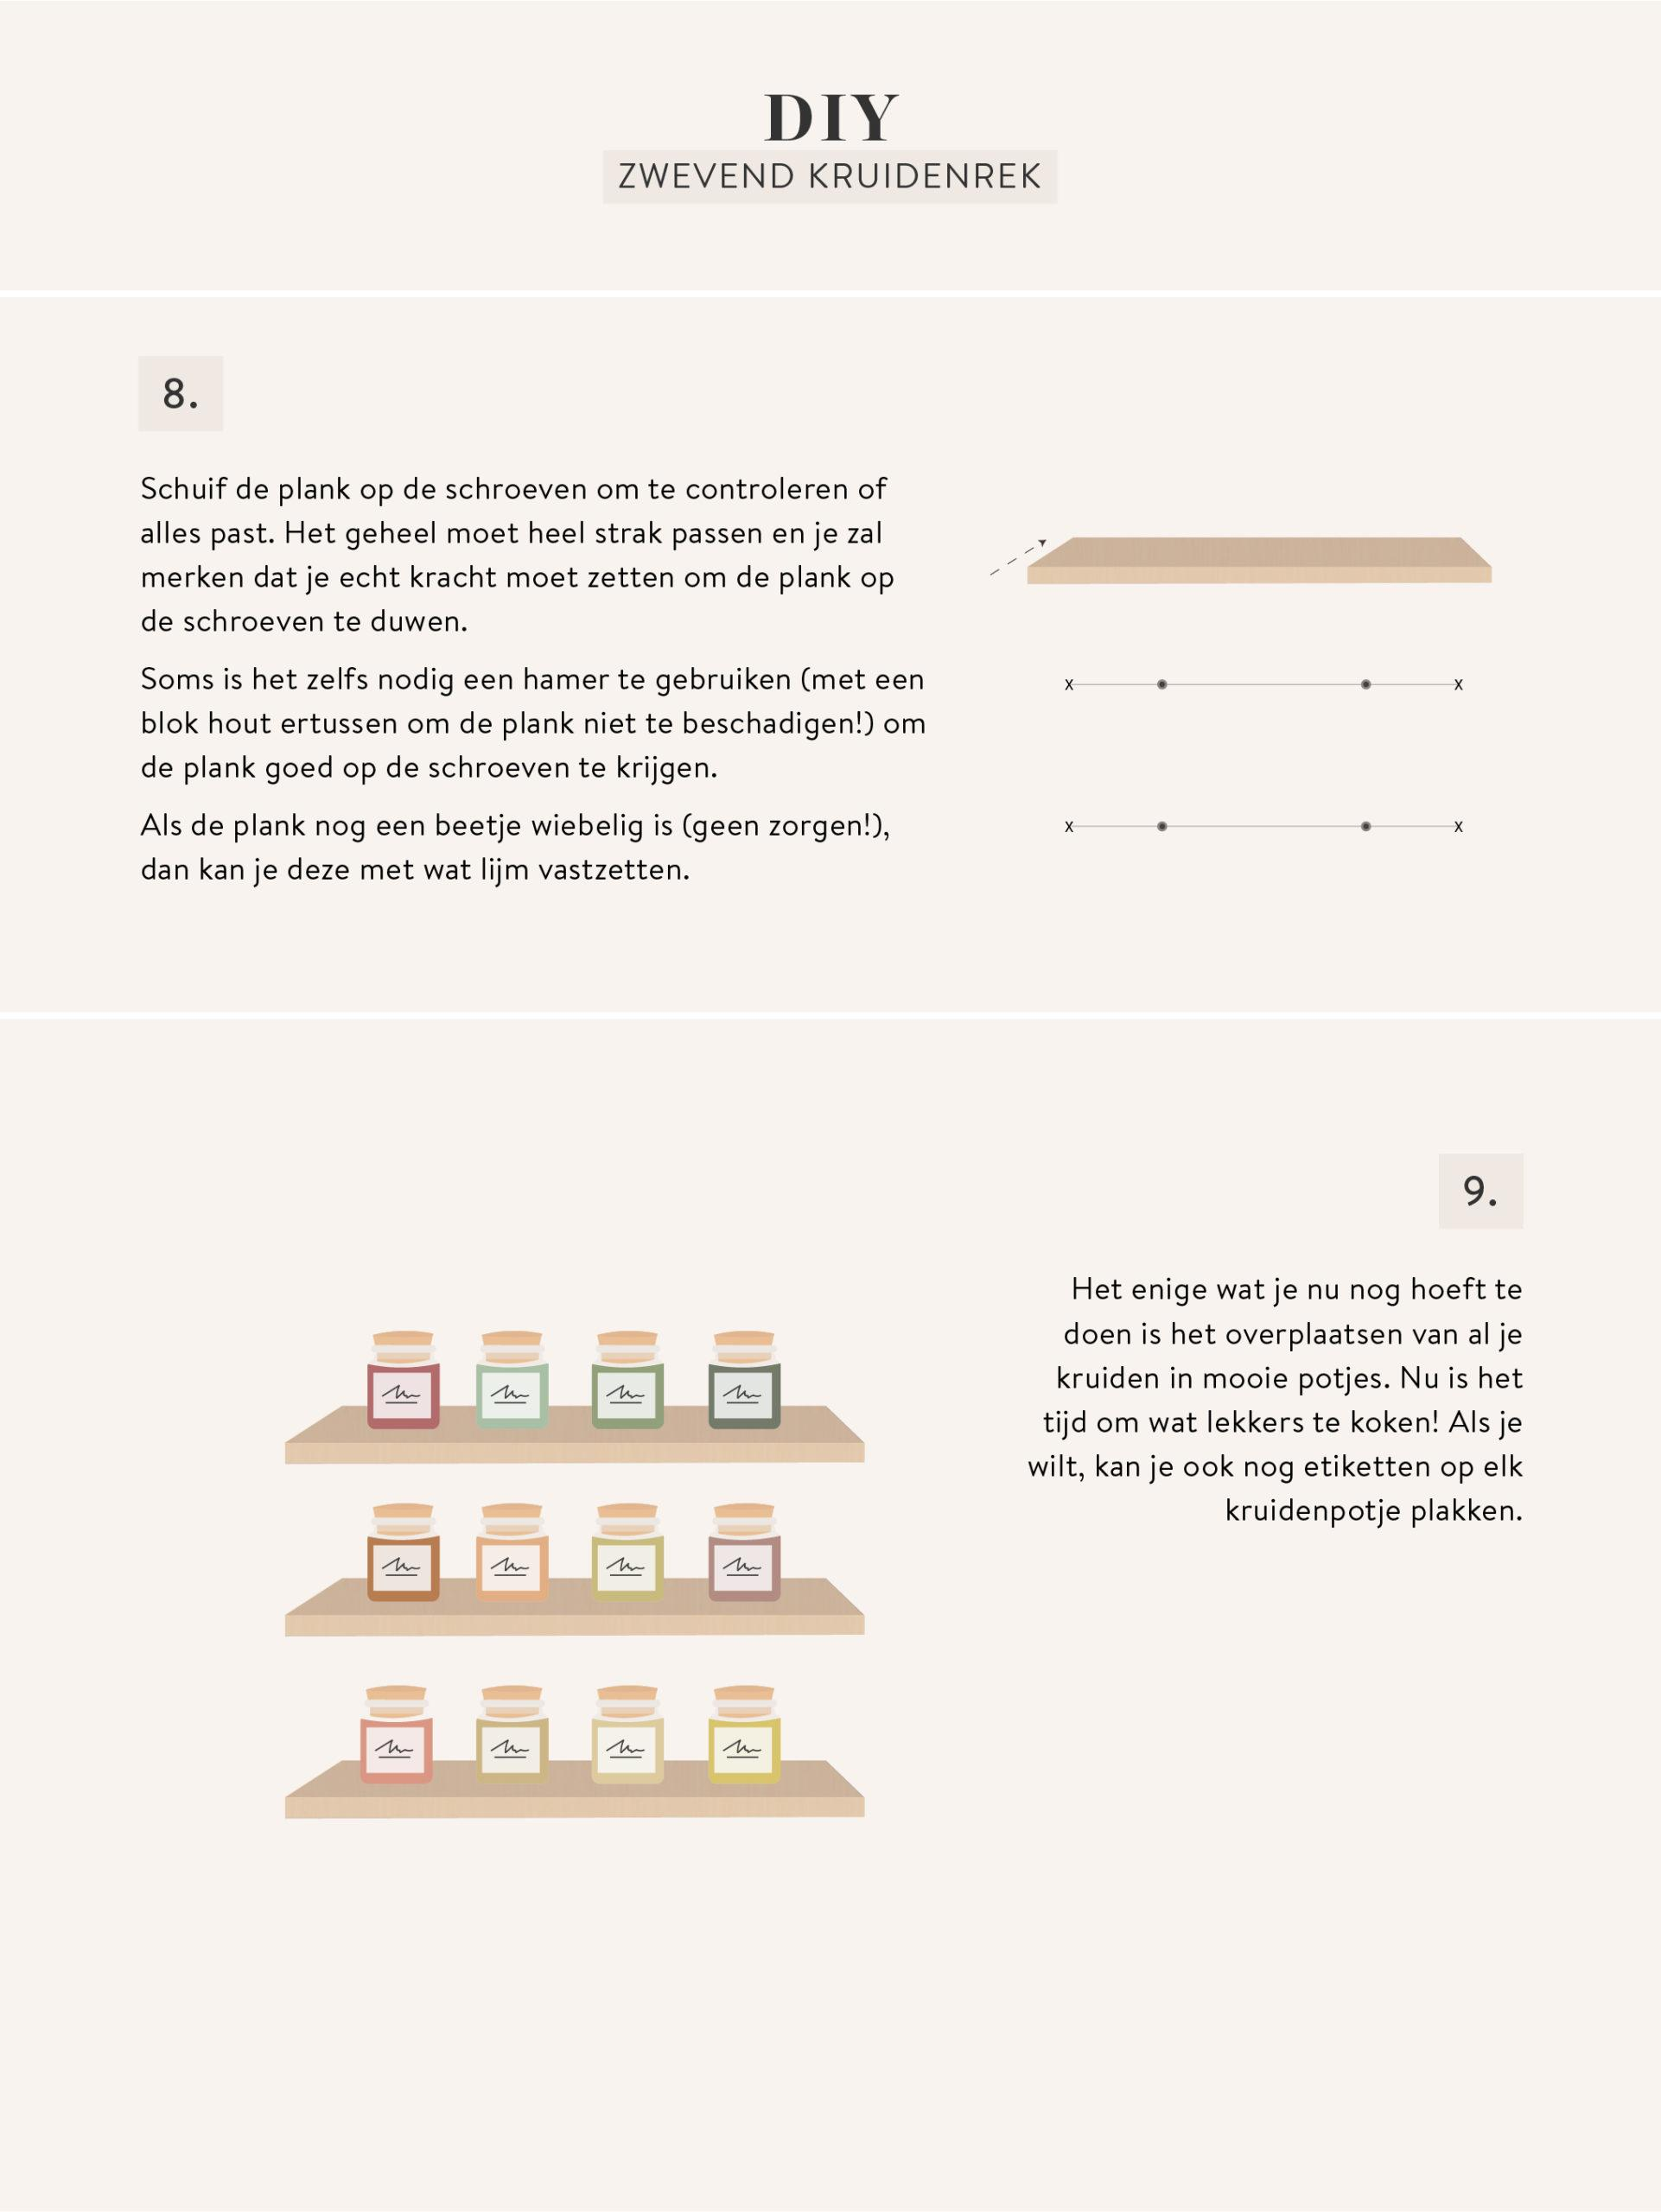 kruidenrek zelf maken in graphic